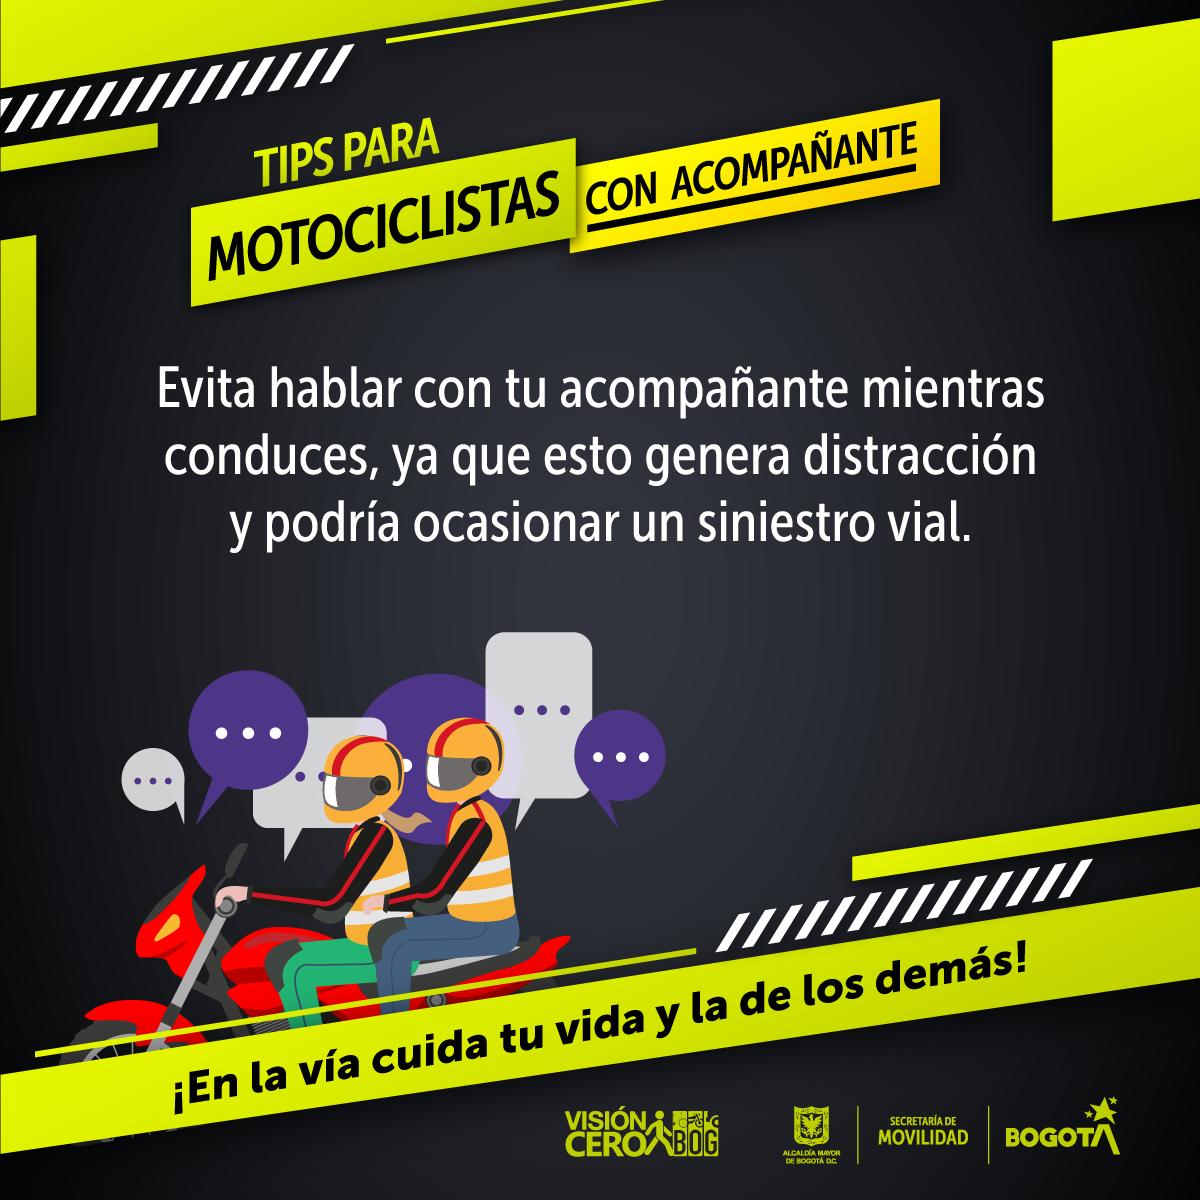 Tips motociclistas